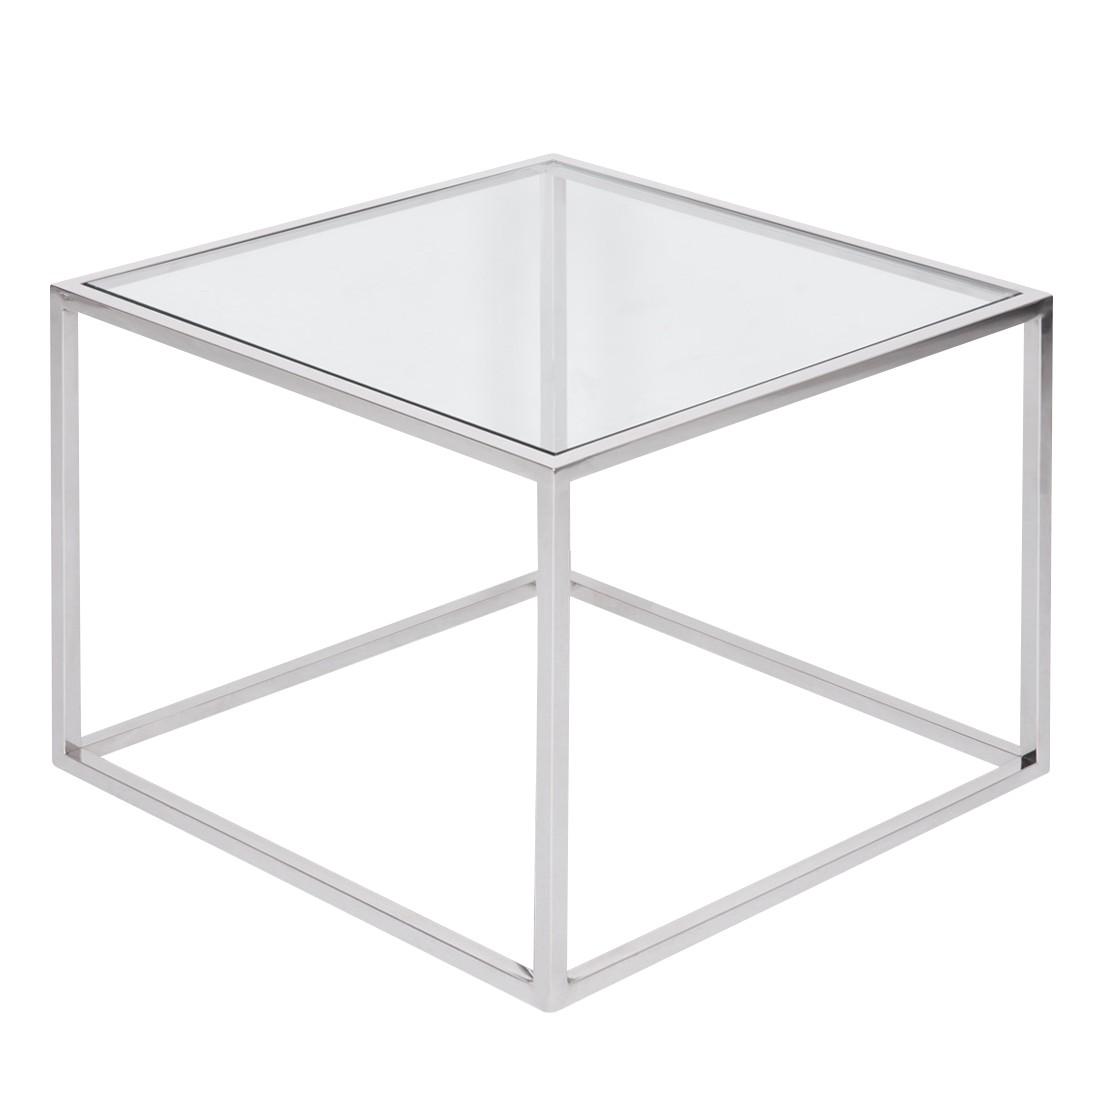 beistelltisch glas preis vergleich 2016. Black Bedroom Furniture Sets. Home Design Ideas